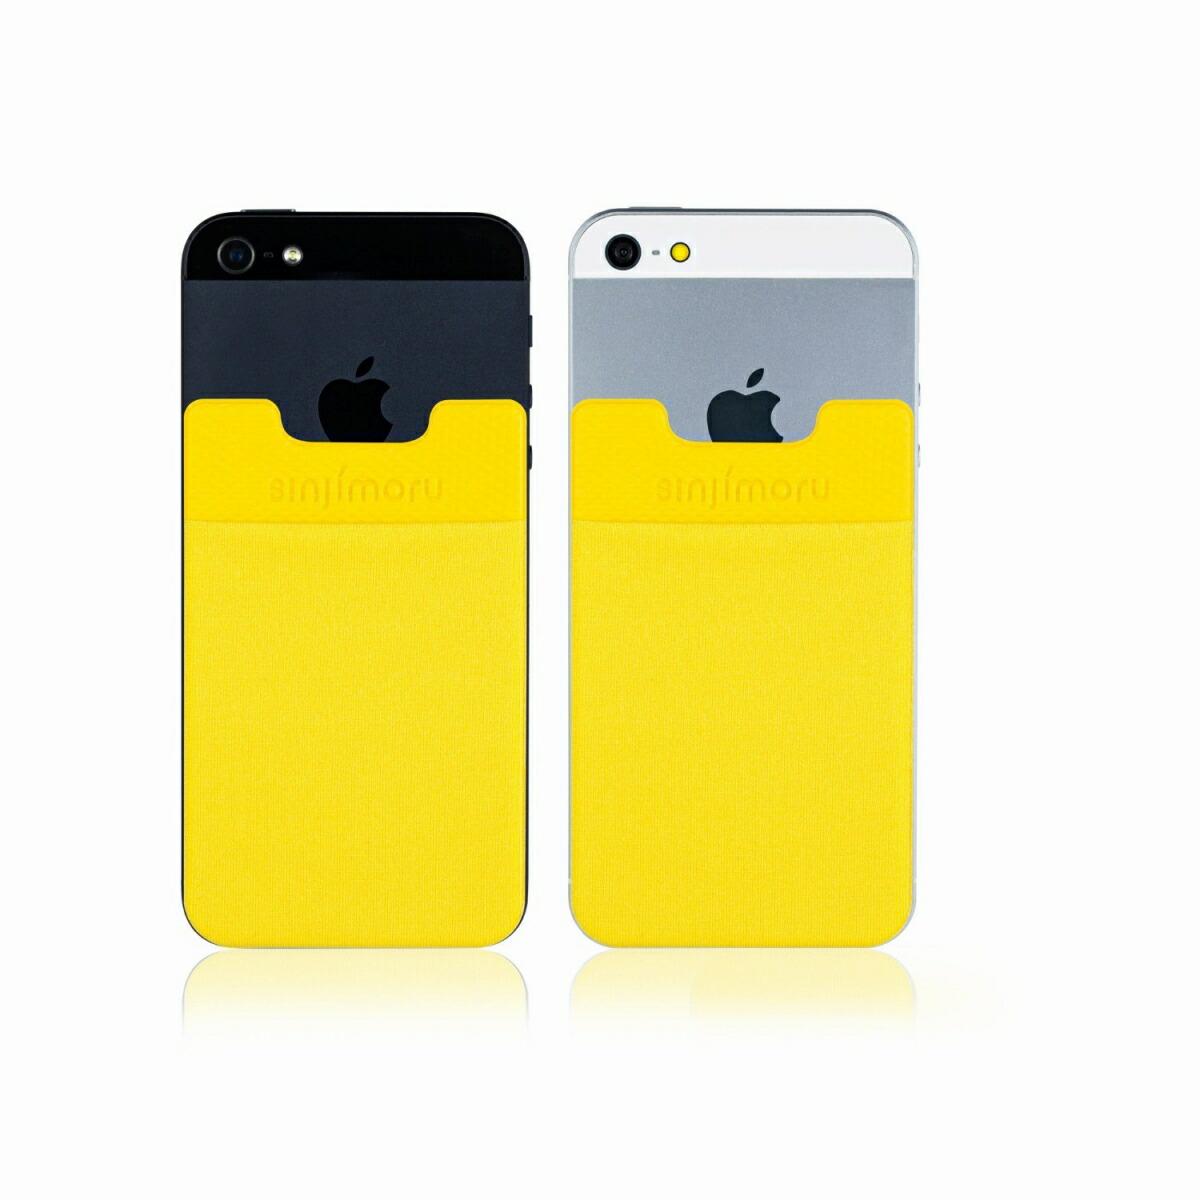 スマートフォンやタブレットなどに貼って剥がせるステッカーブルポケット 送料無料 ROOX ステッカーブルポケット Sinji Pouch Basic2 イエロー スマホアクセ icカード カード ステッカーポケット タイムセール 収納ポケット 便利 アイフォーンスマートフォン 背面ポケット 人気 スマホ 高級品 激安 簡単 iPhone アイフォン